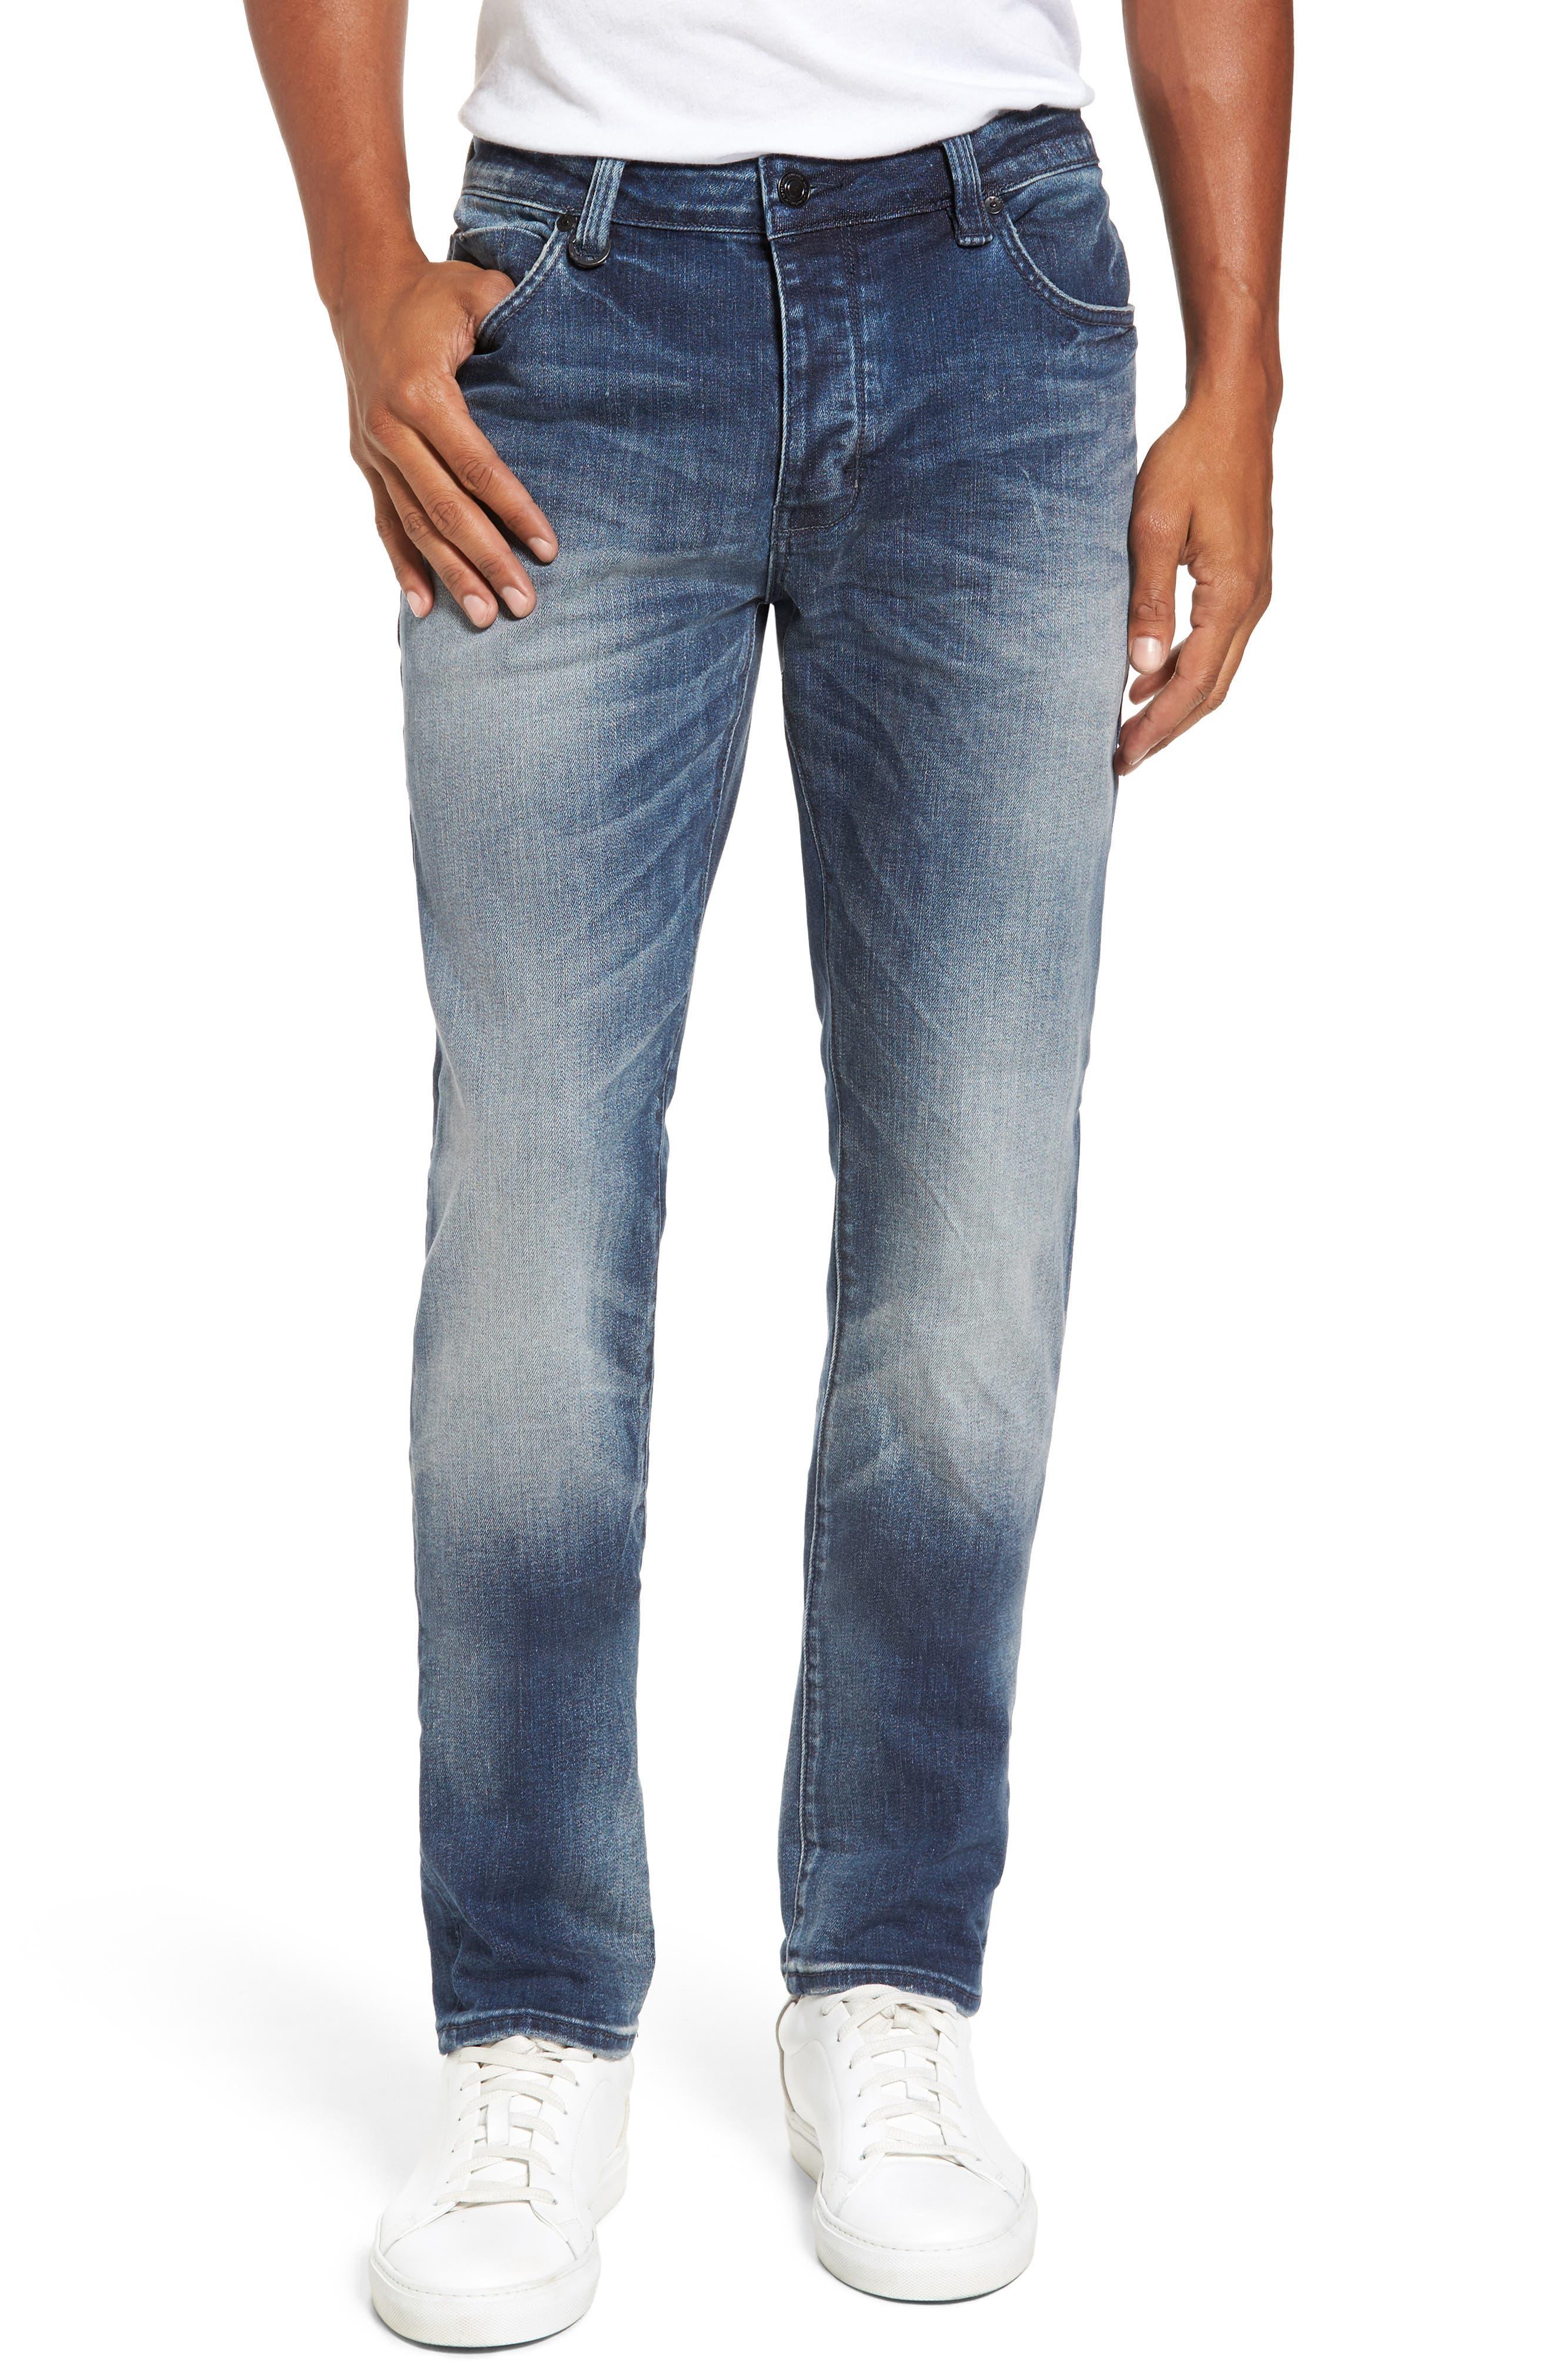 Lou Slim Fit Jeans,                         Main,                         color, Biker Wash